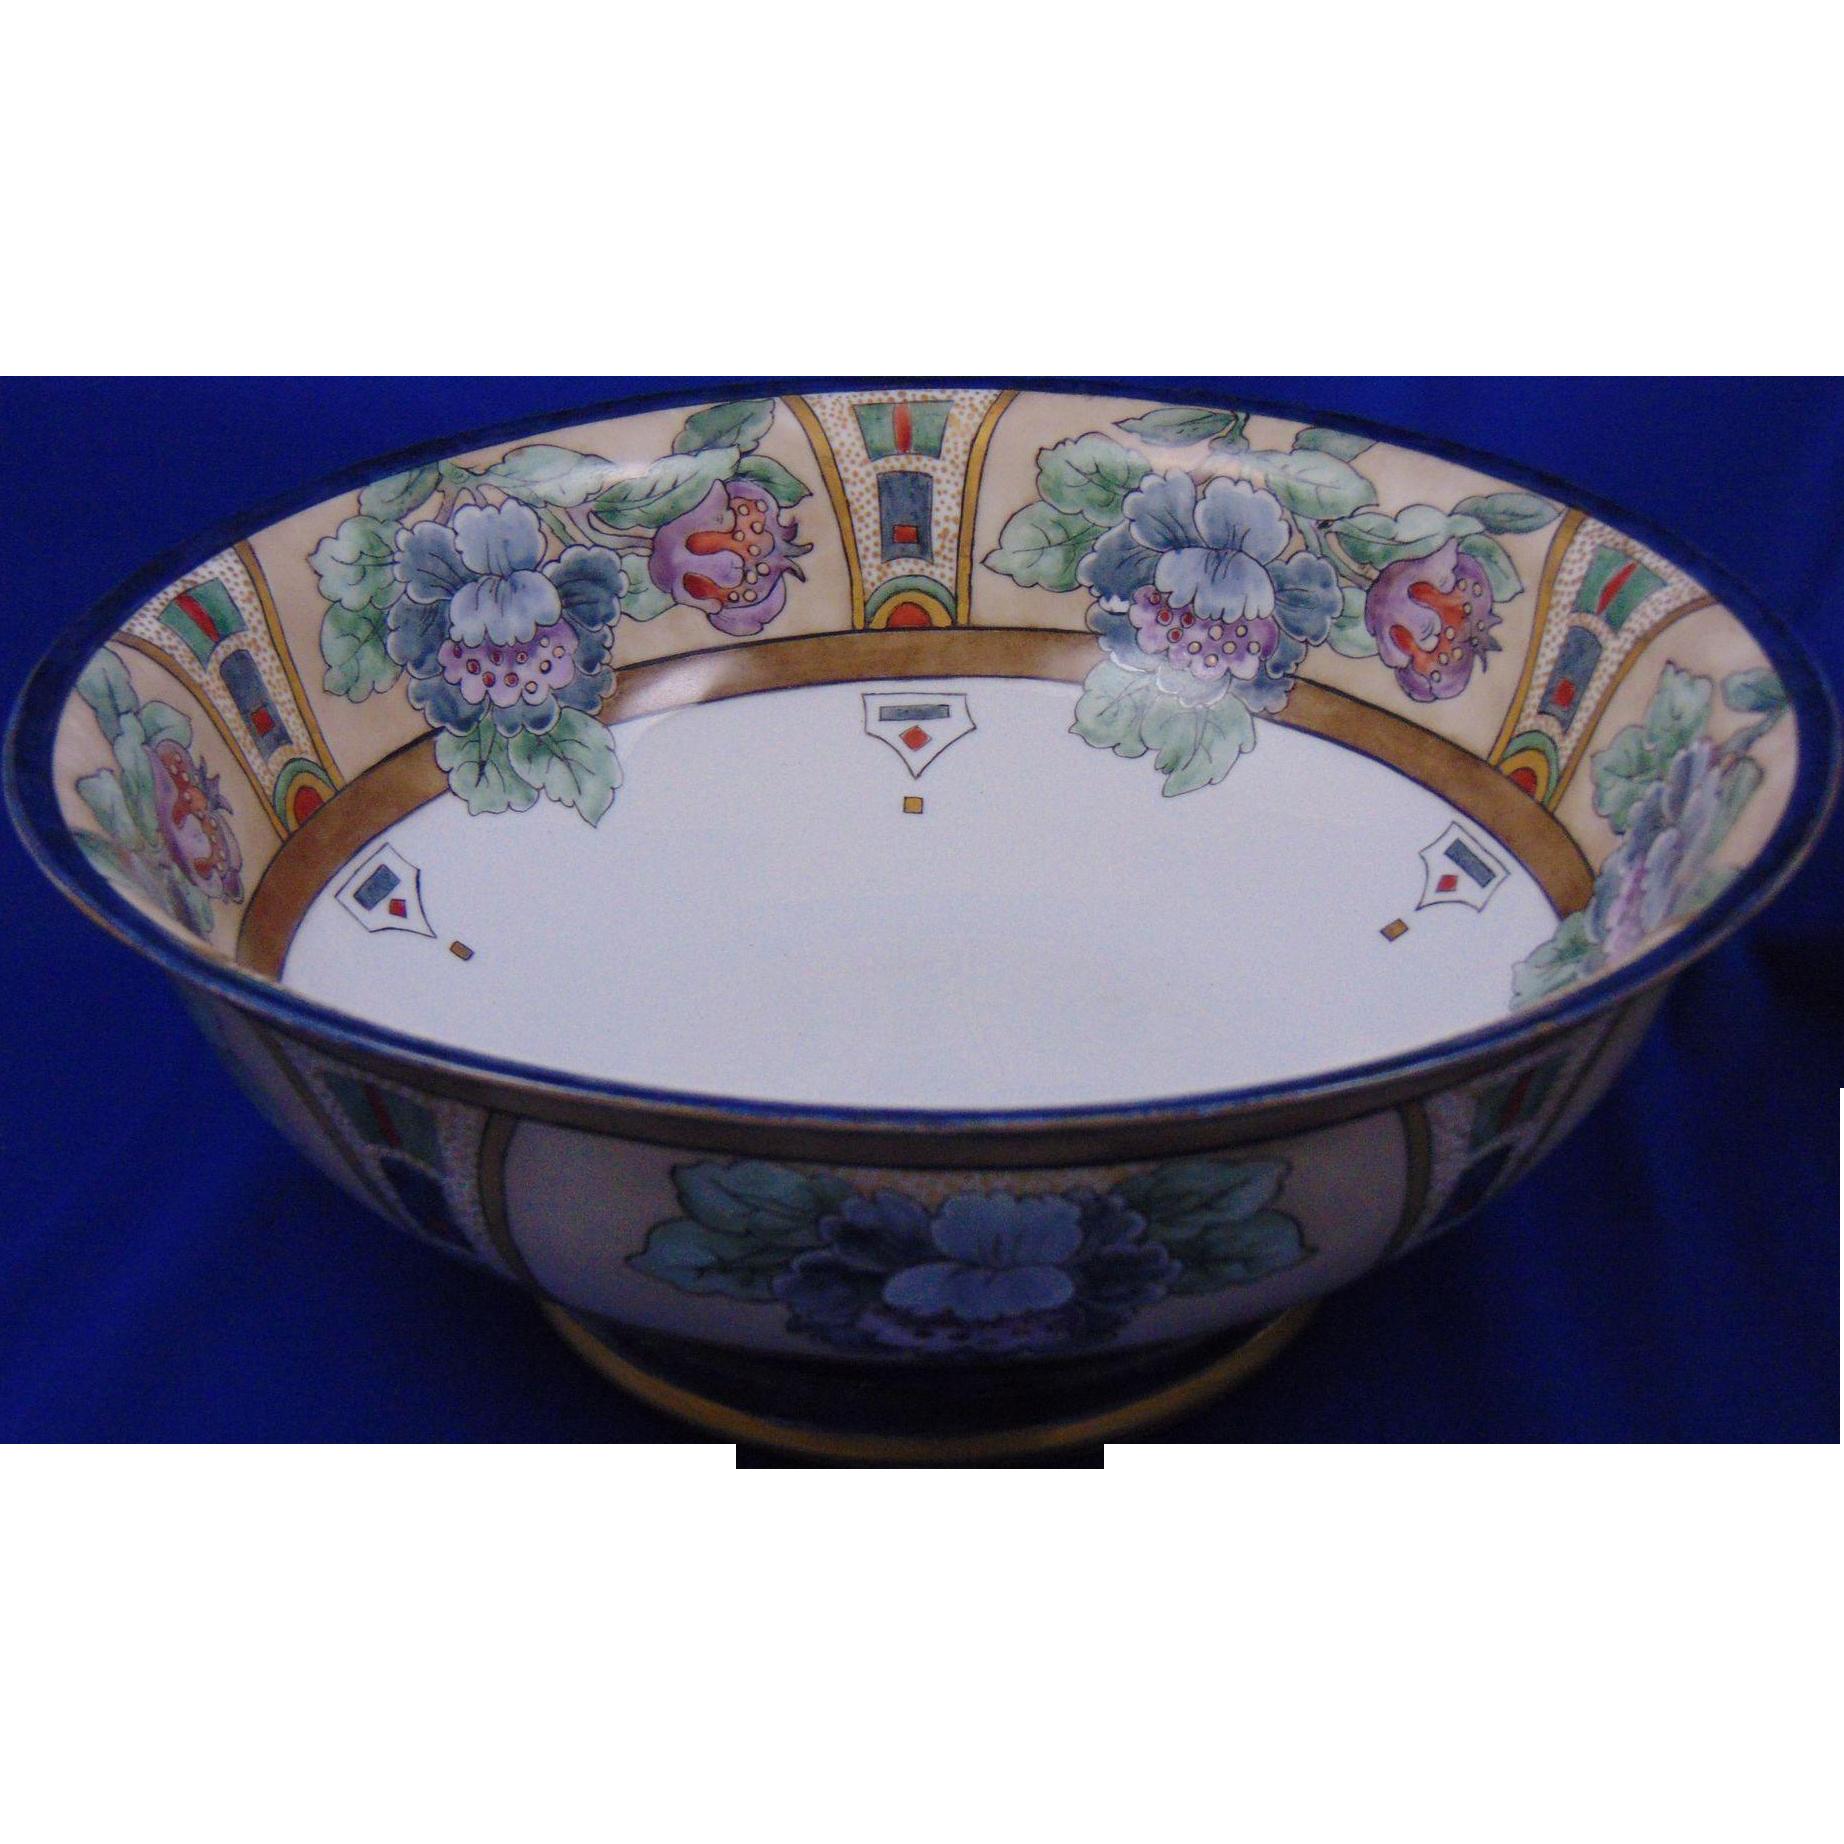 """Tressemann & Vogt (T&V) Limoges Arts & Crafts Floral Motif Centerpiece Bowl (Signed """"M. L. Dwinell""""/Dated 1915)"""